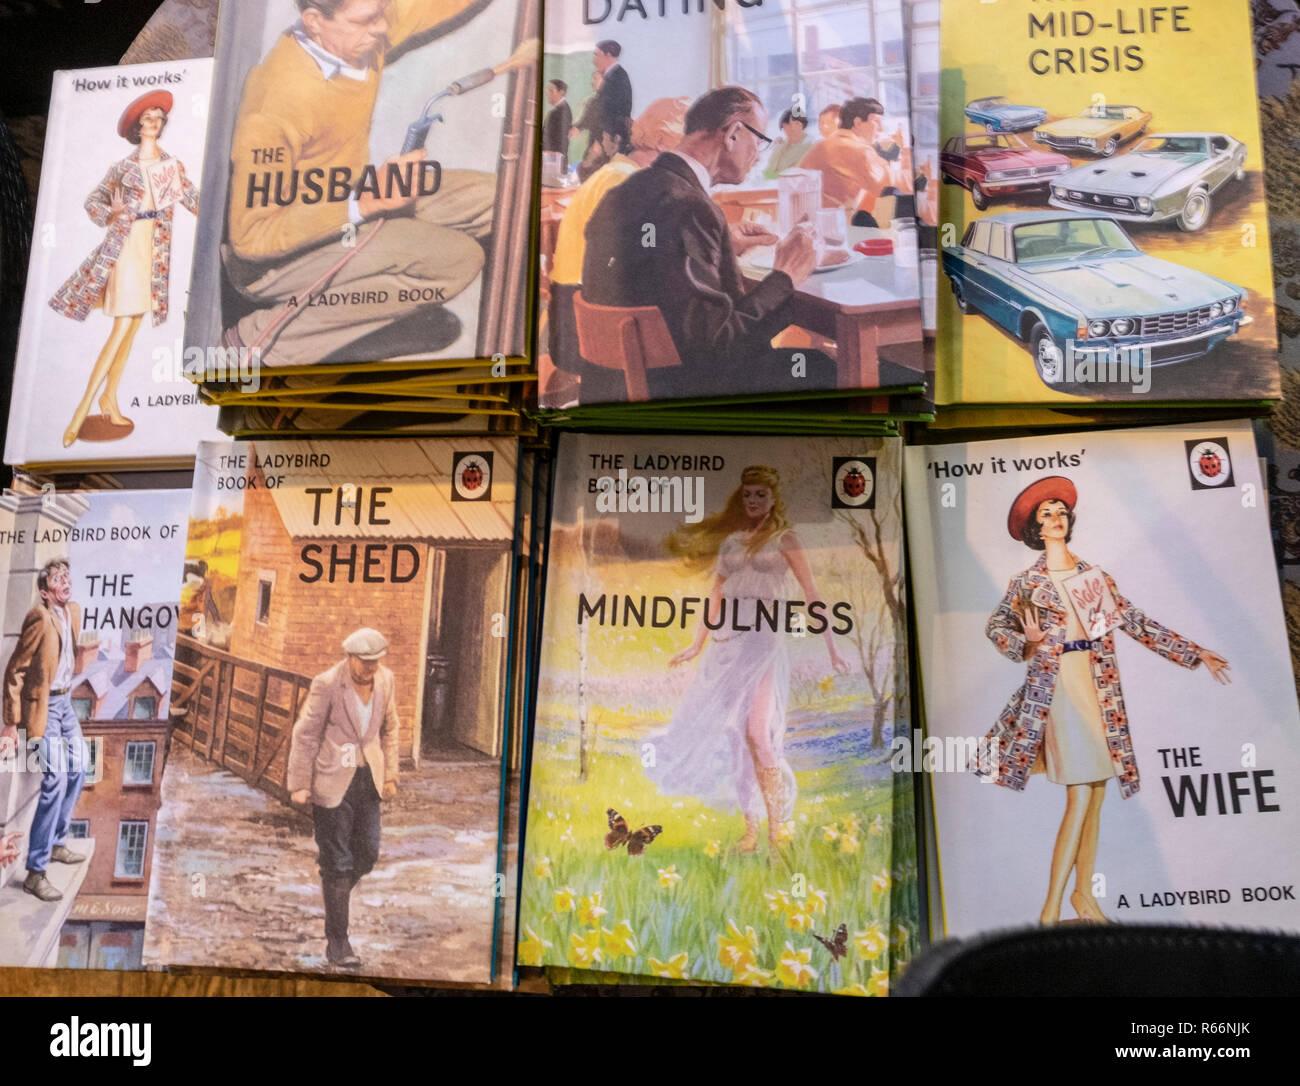 Coccinella moderni libri su il marito, la moglie e altri sociale e sulle questioni della vita Immagini Stock